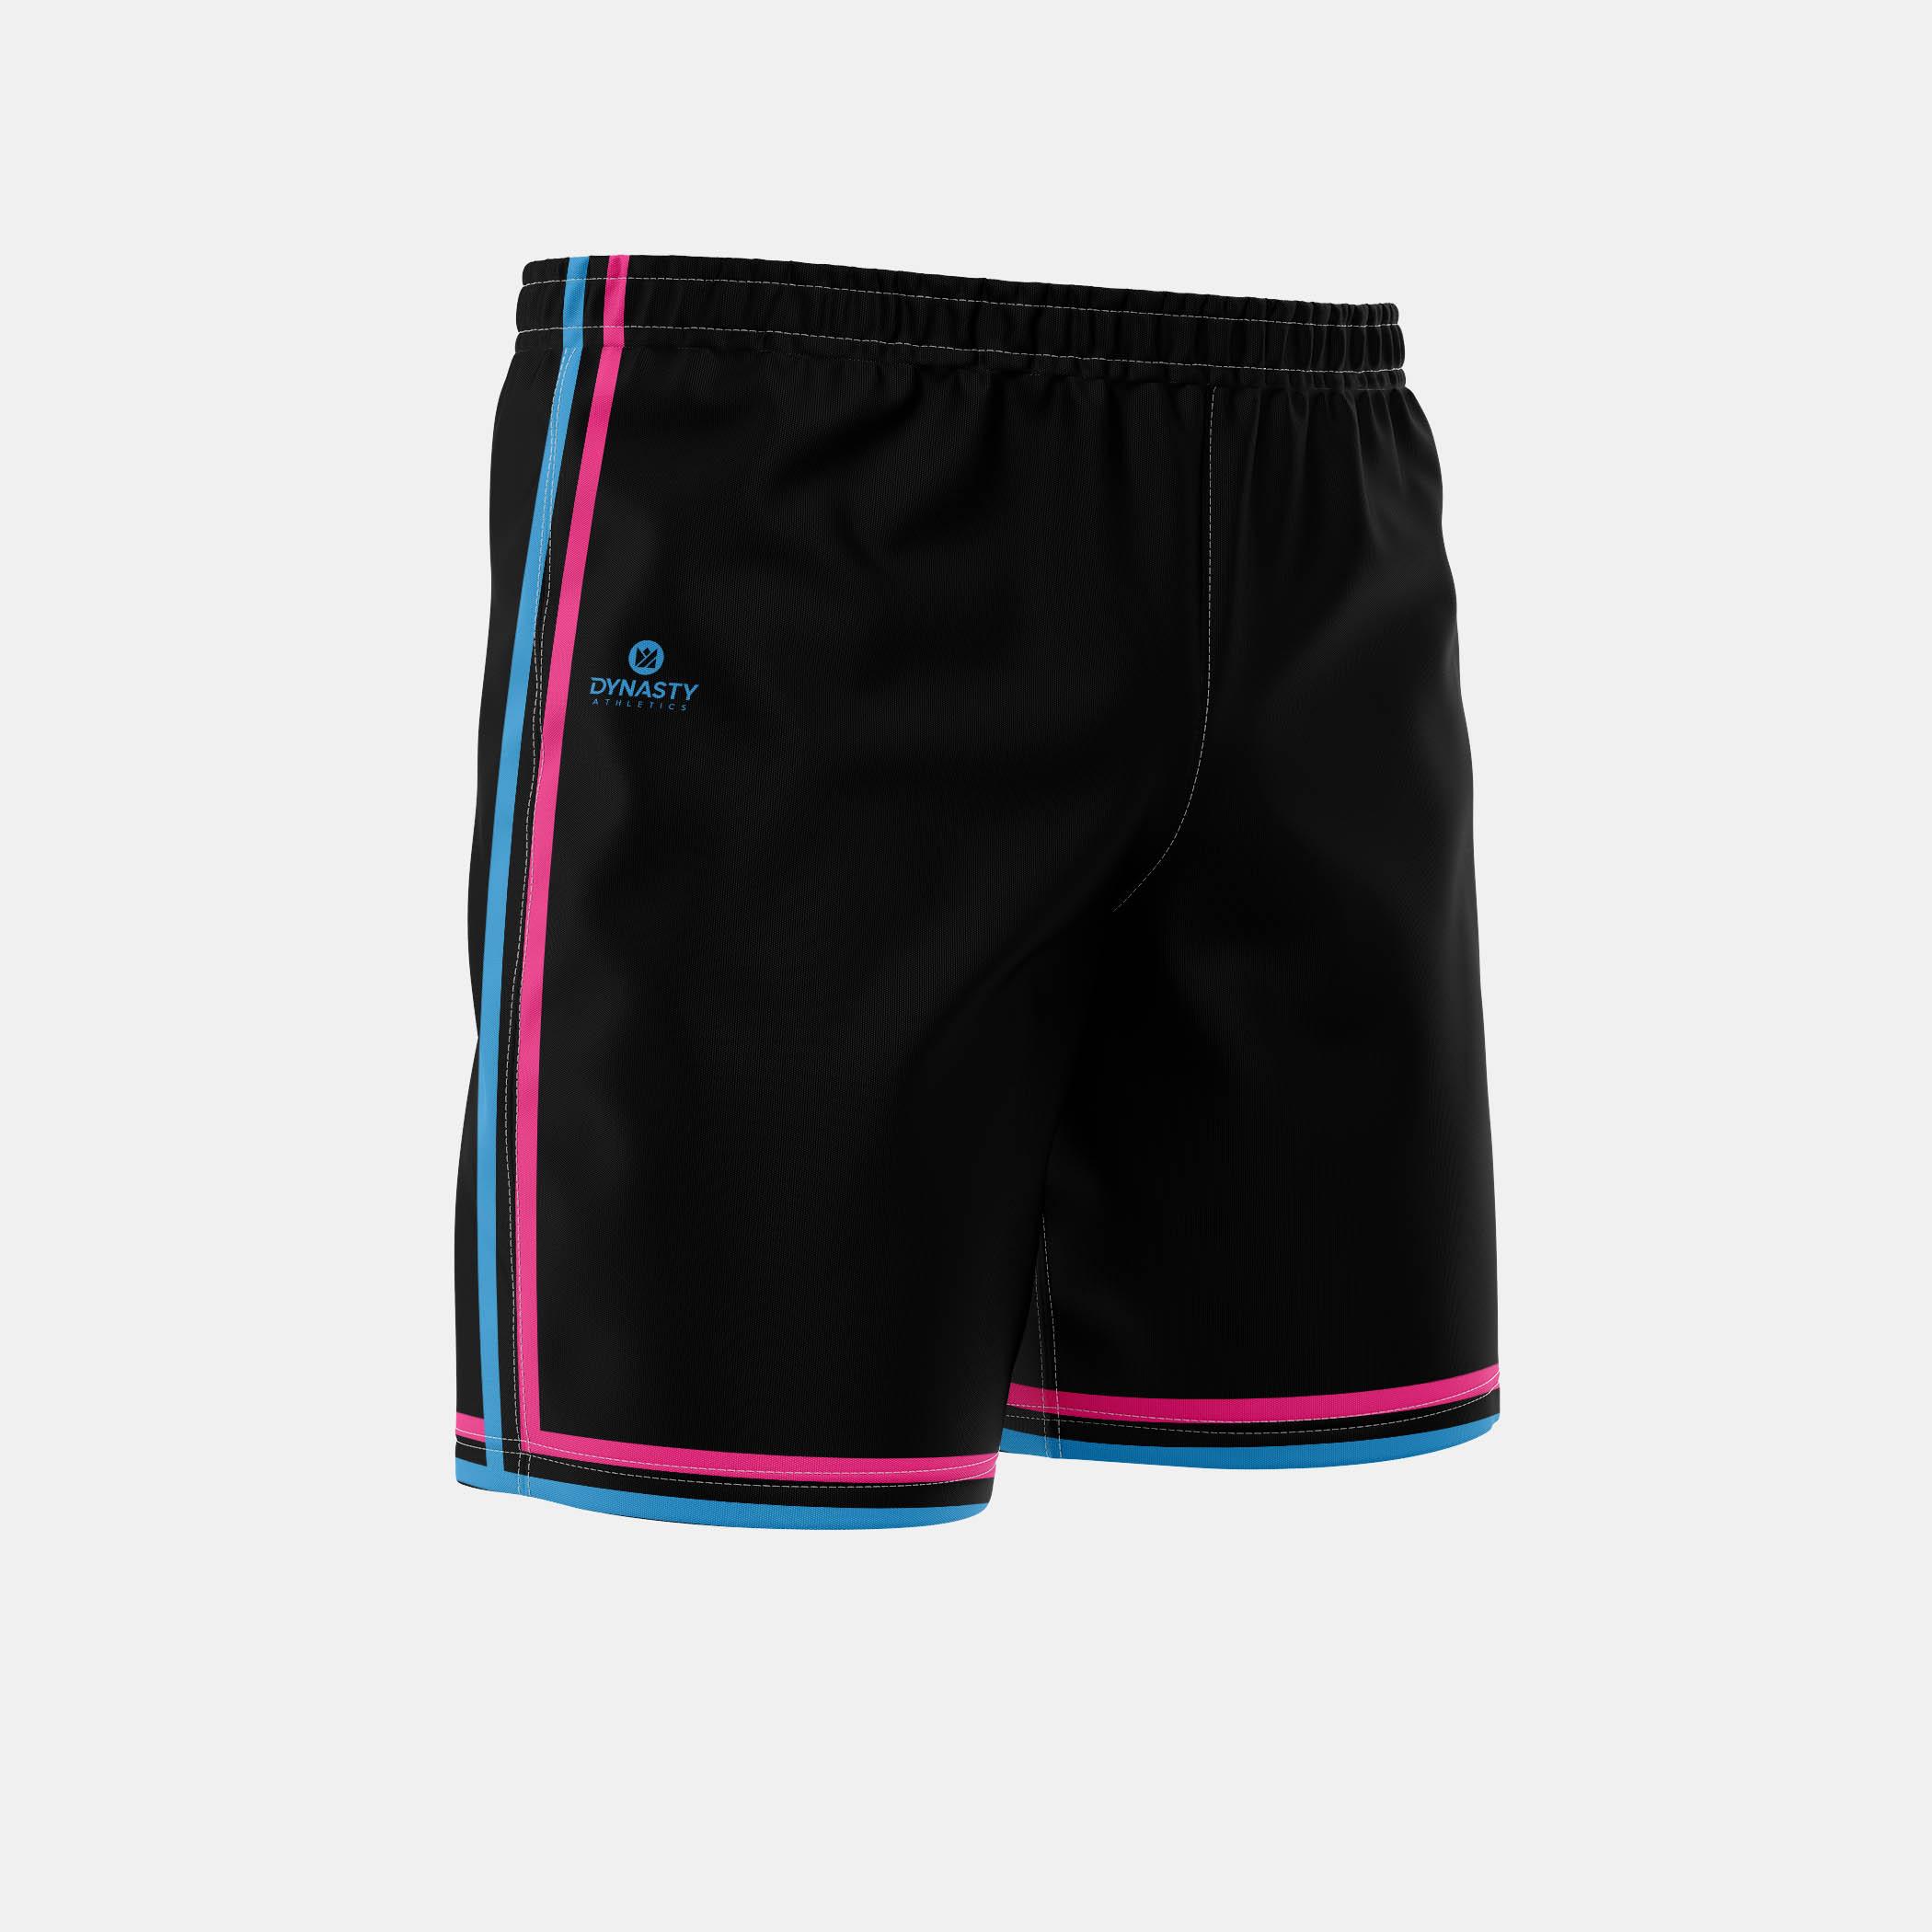 Vice VB Shorts 3 4 R View edited